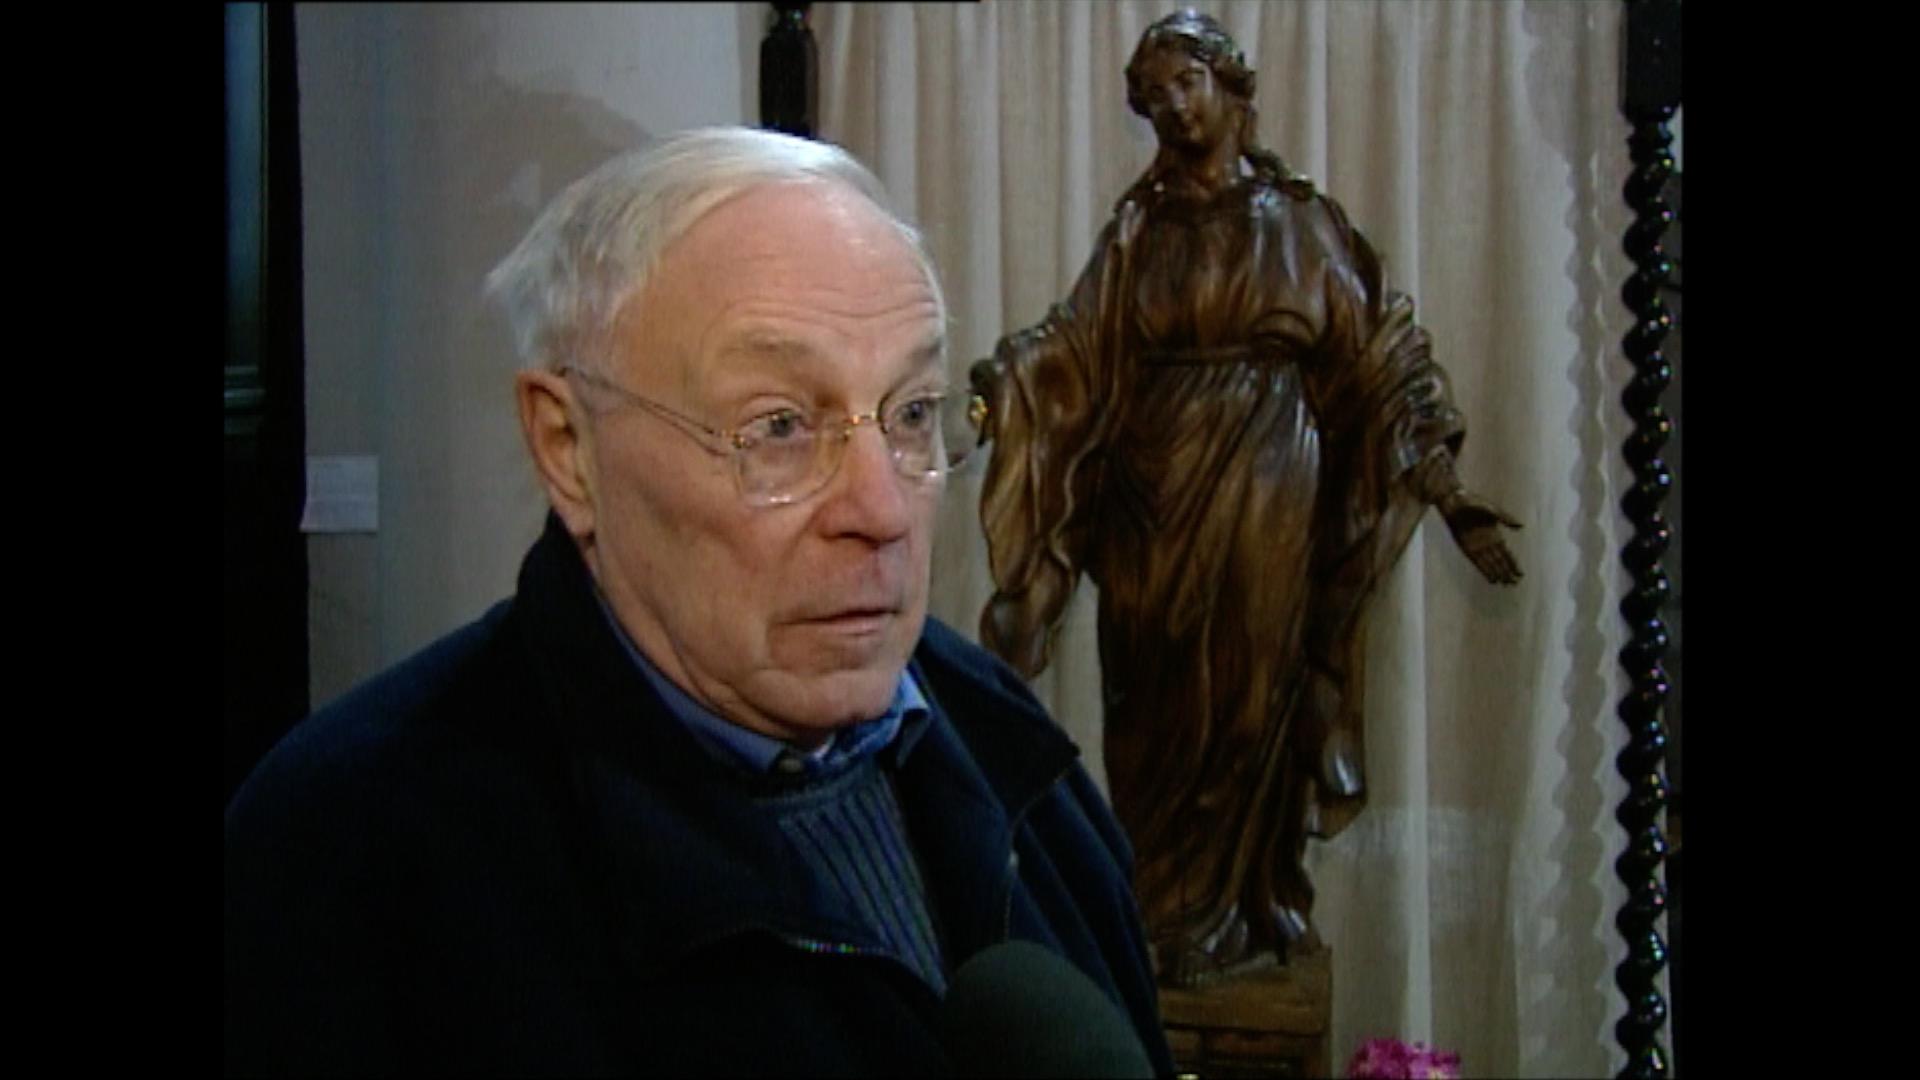 Le chanoine Guy Agneessens est décédé à l'âge de 89 ans